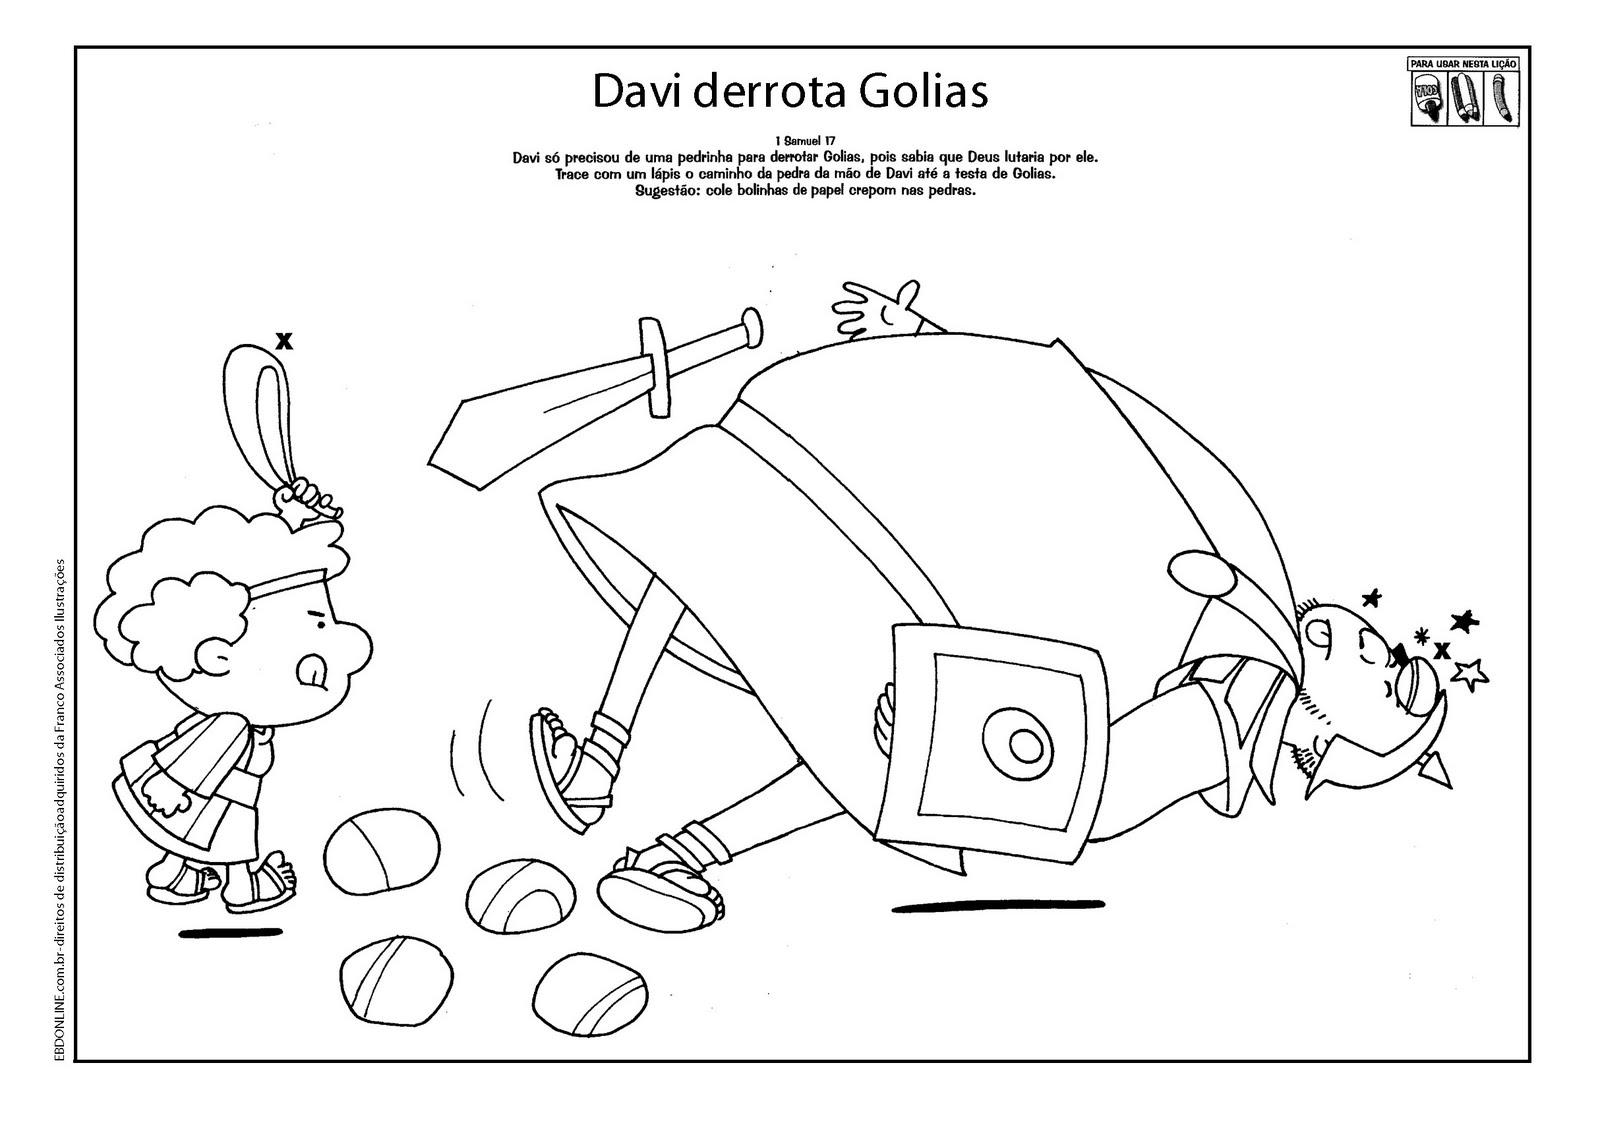 How do I feel: A HISTÓRIA DE DAVI E GOLIAS (REPOSTAGEM